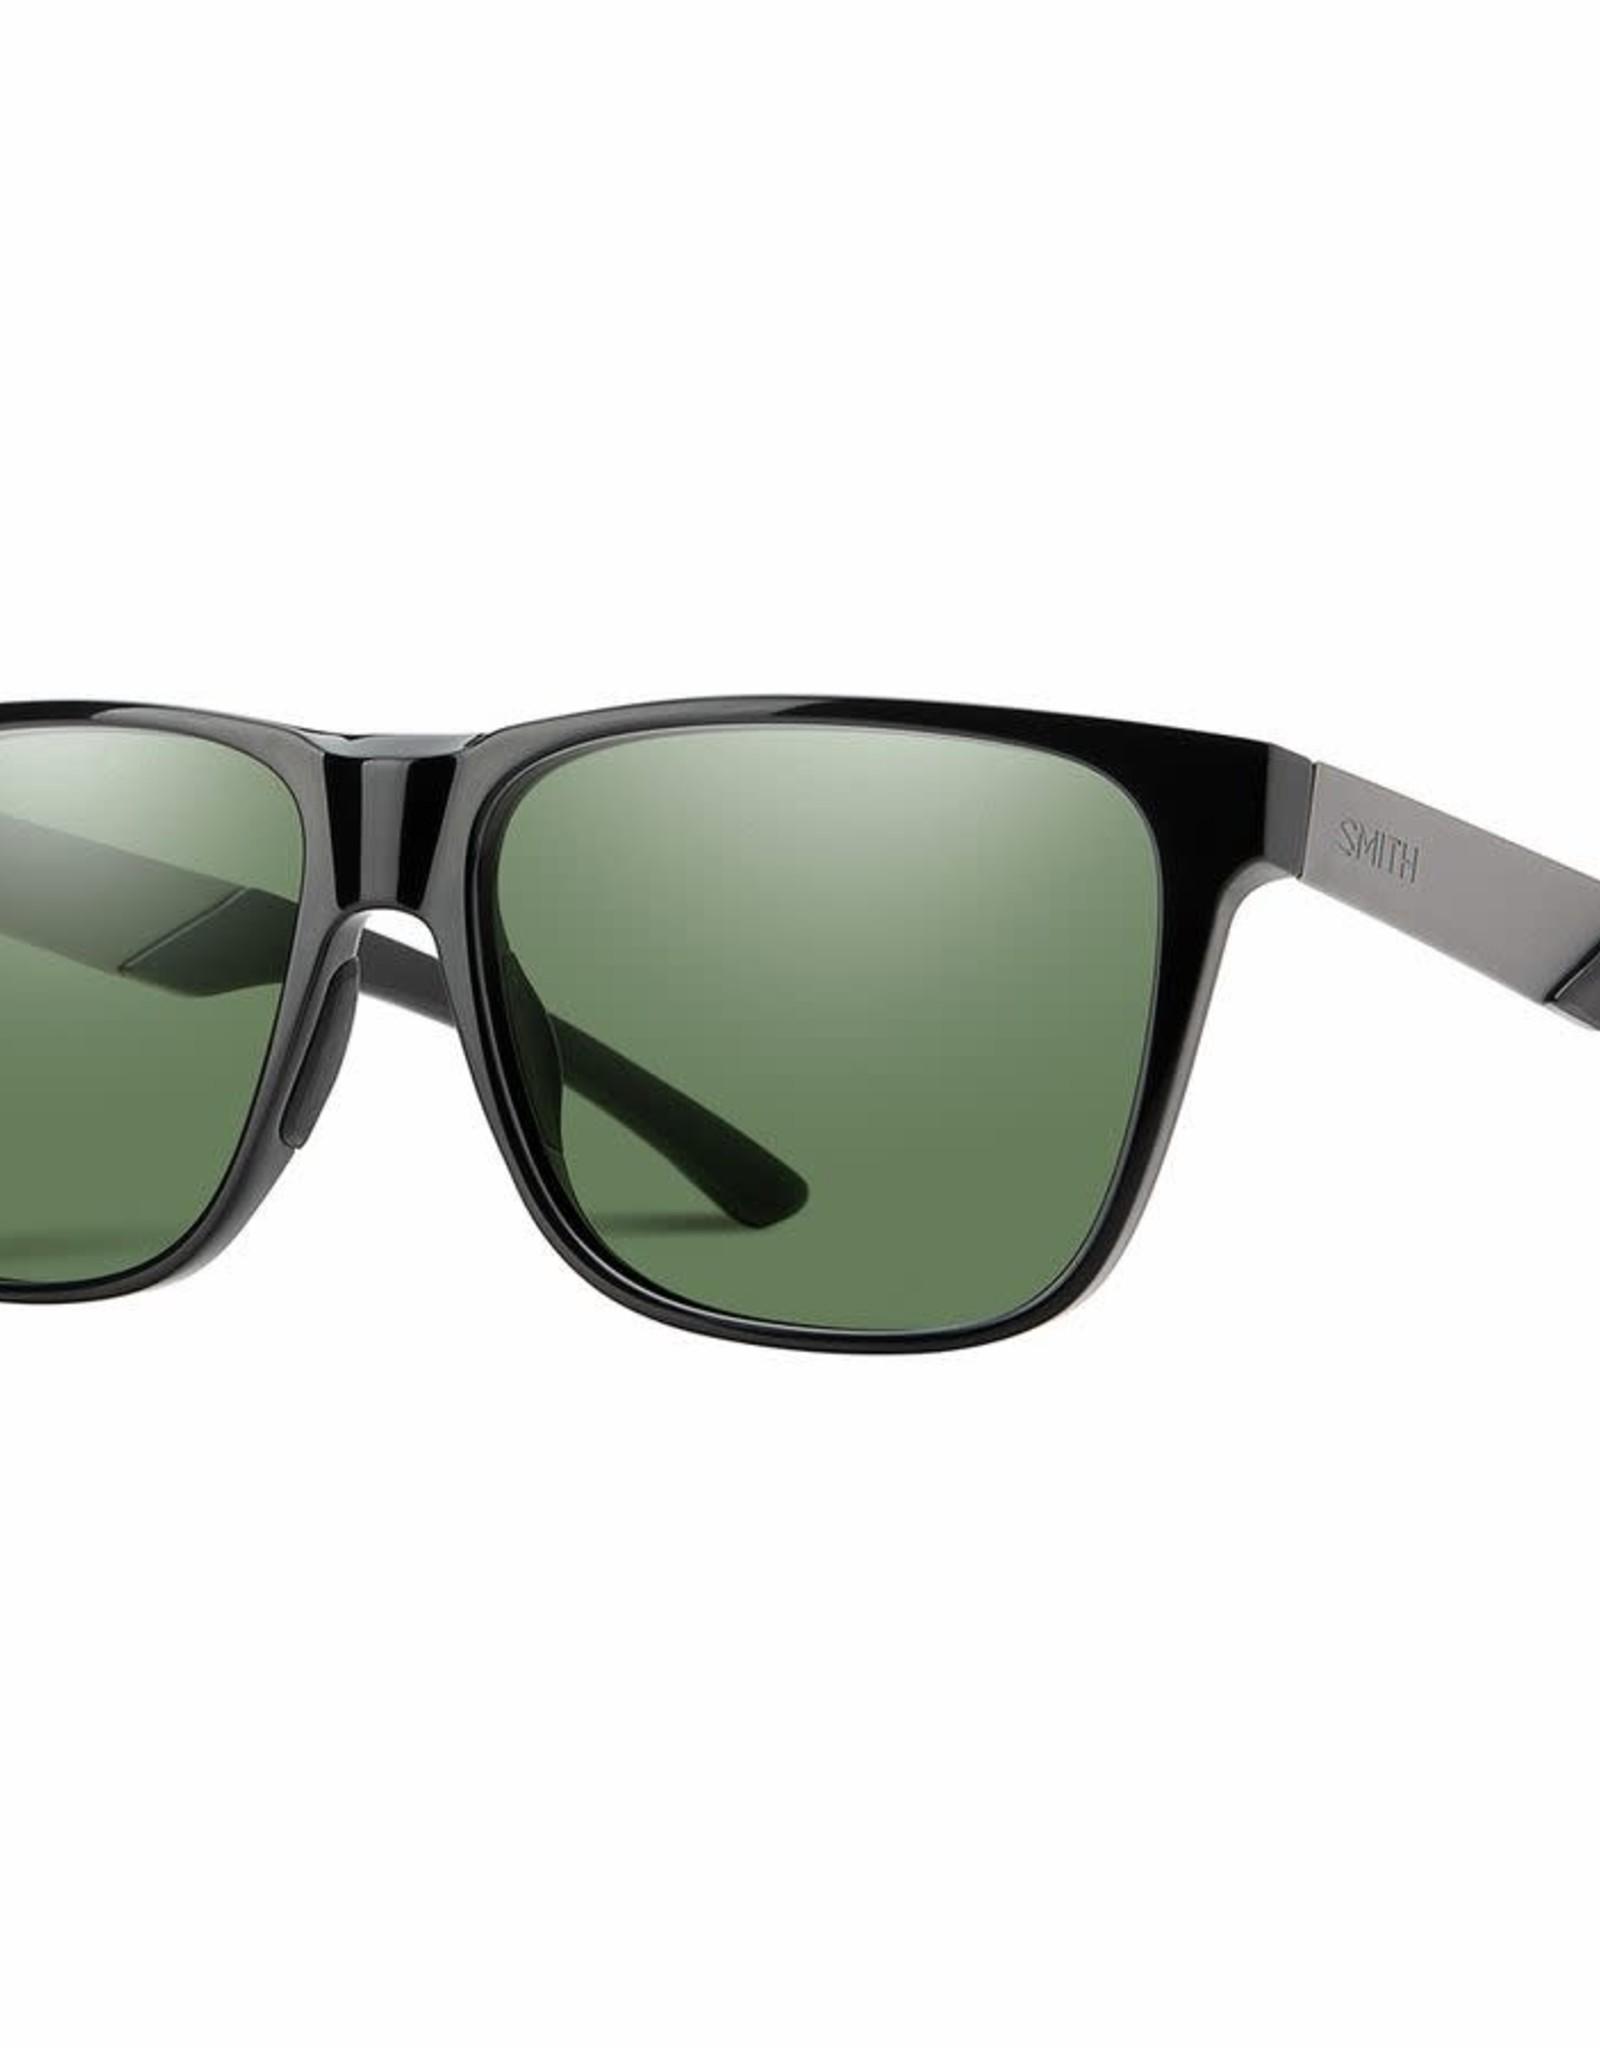 Smith Optics Smith - LOWDOWN XL Steel - Black w/ Polar Gray Green Chromapop